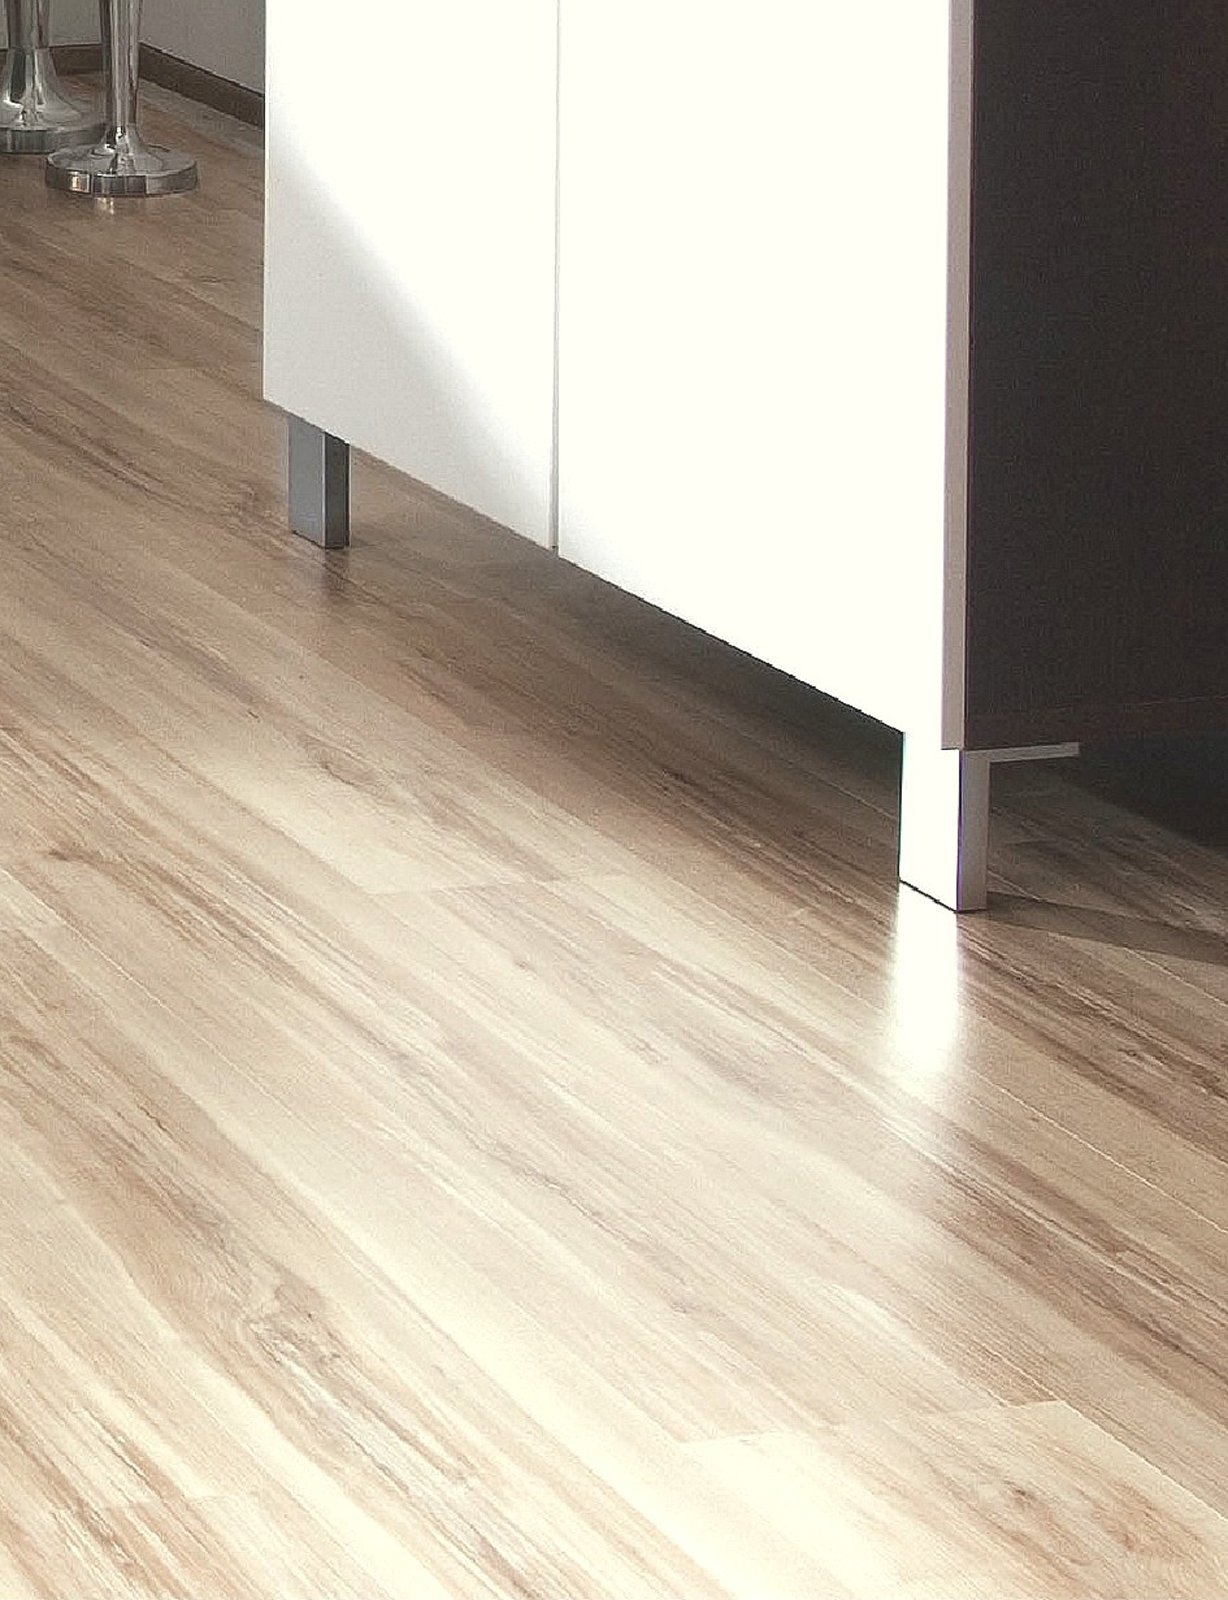 Pavimenti in laminato cose di casa for Pavimenti x esterni ikea